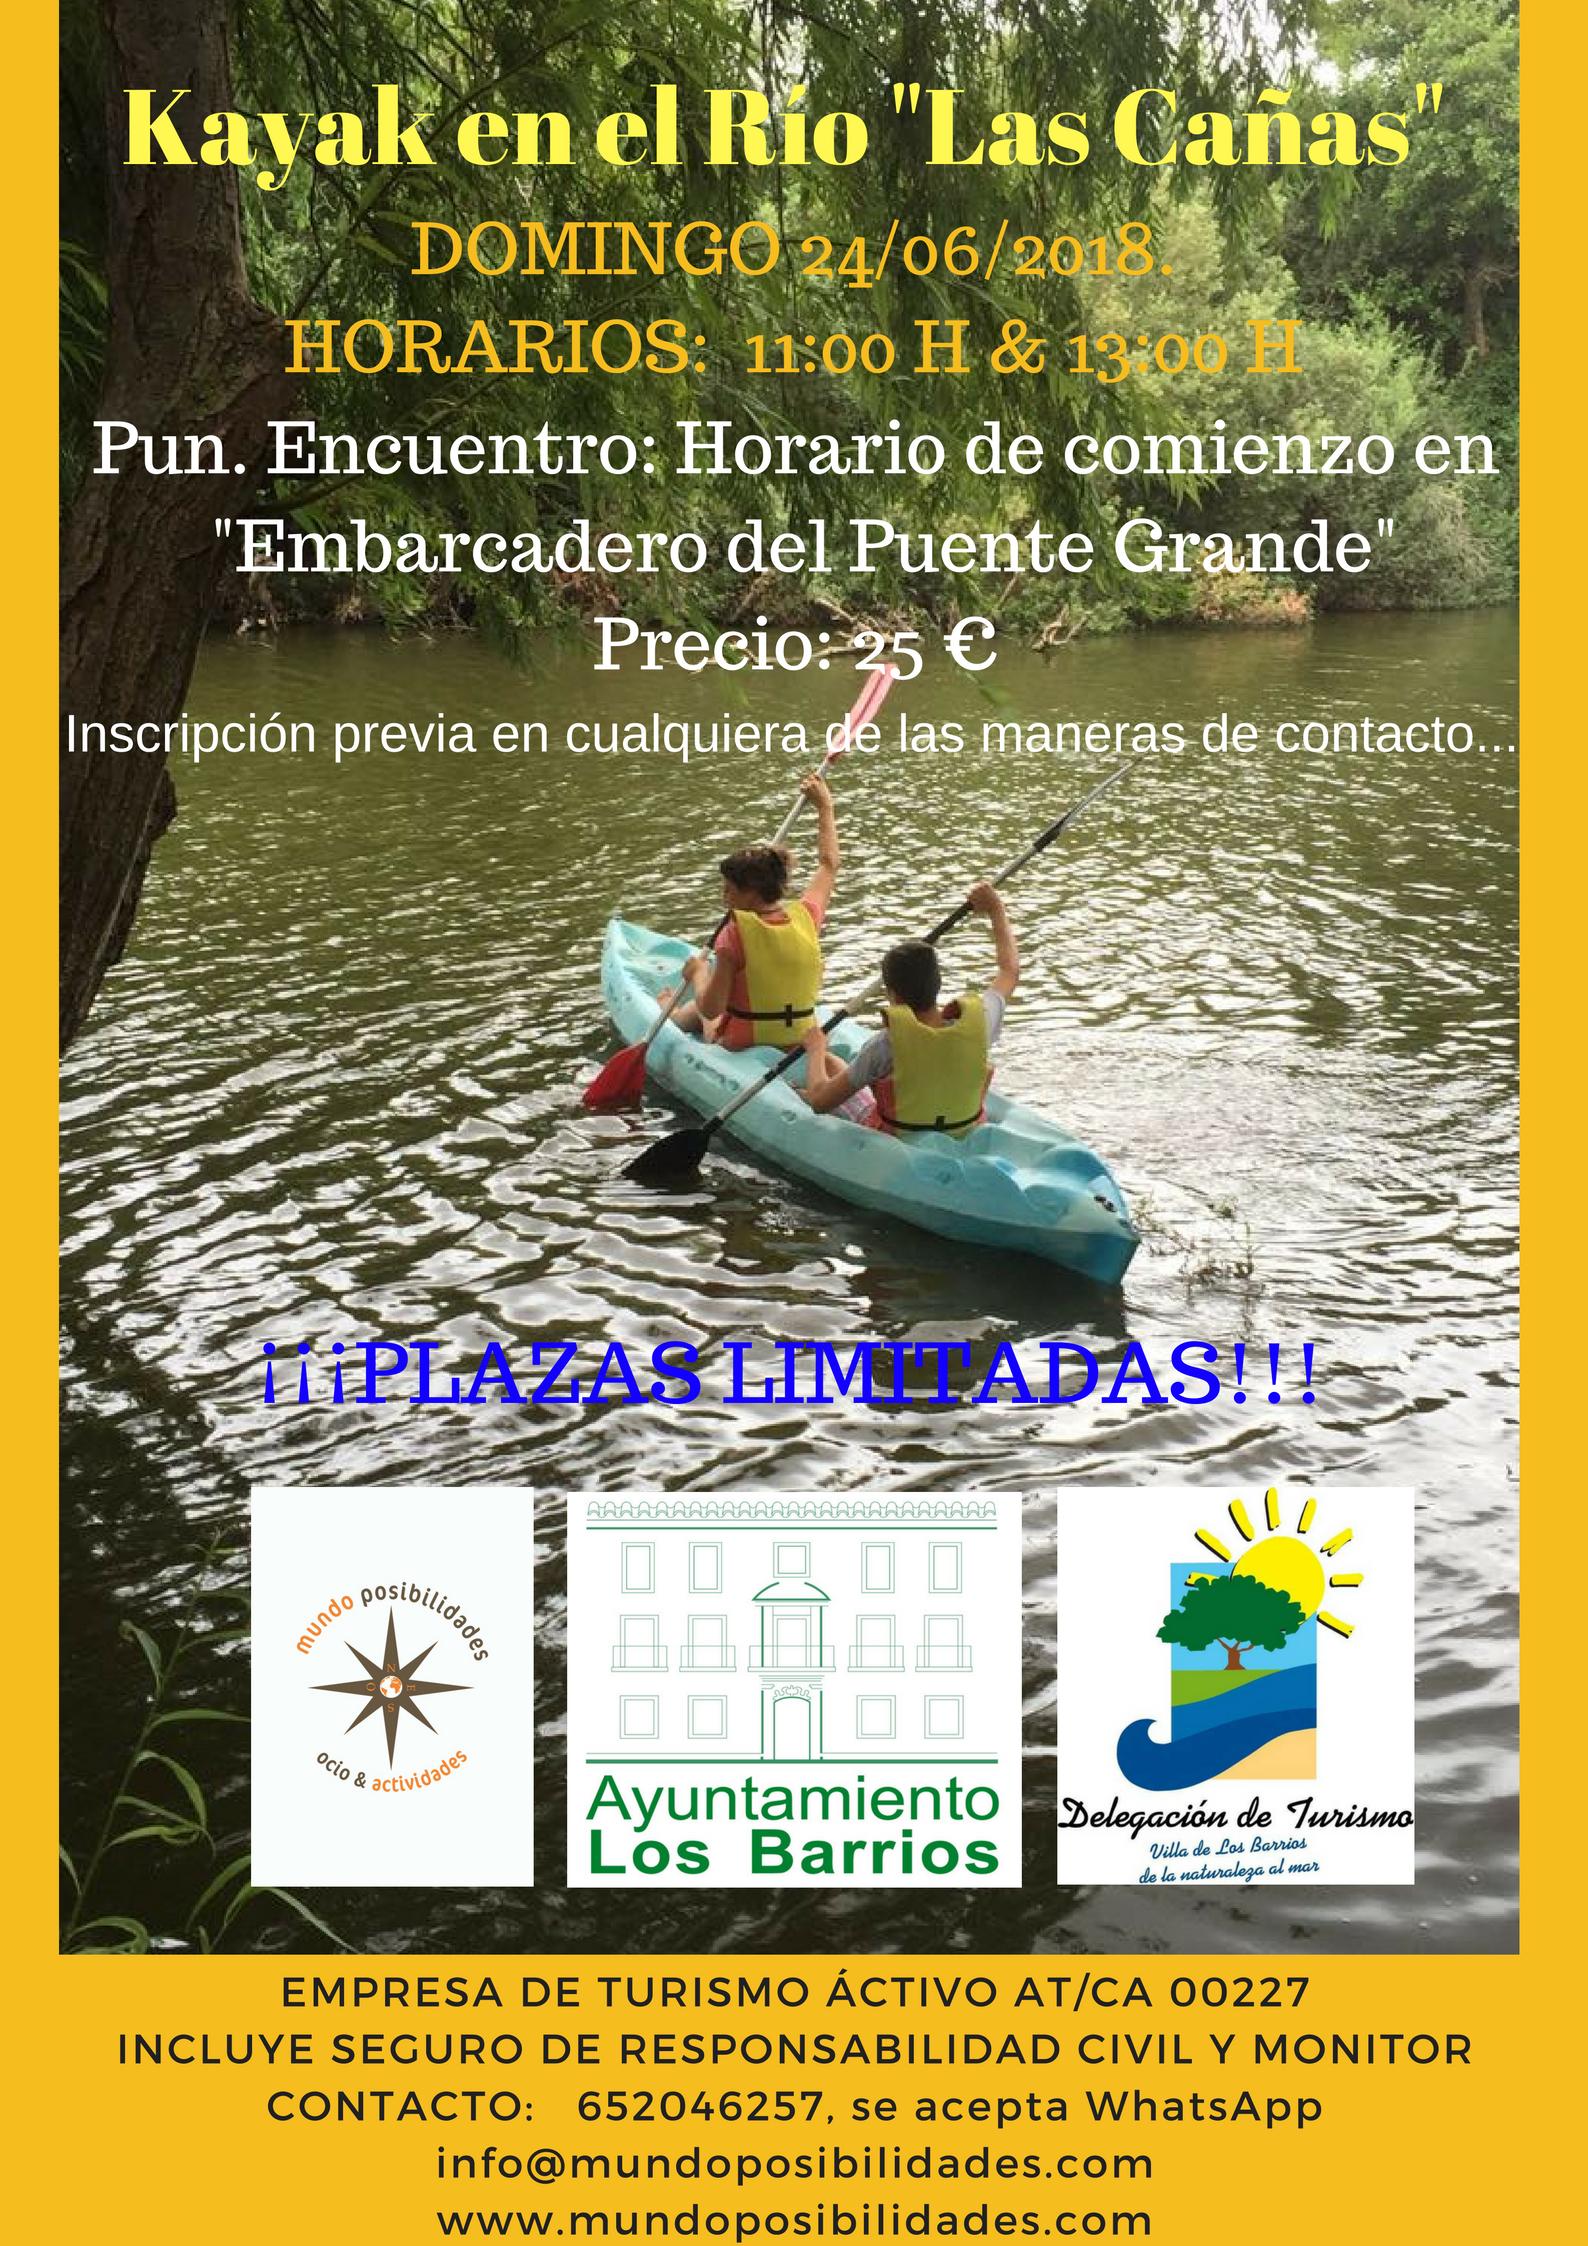 Este Domingo 24 de junio kayak en el Río » Las Cañas»  organiza Mundo Posibilidades.